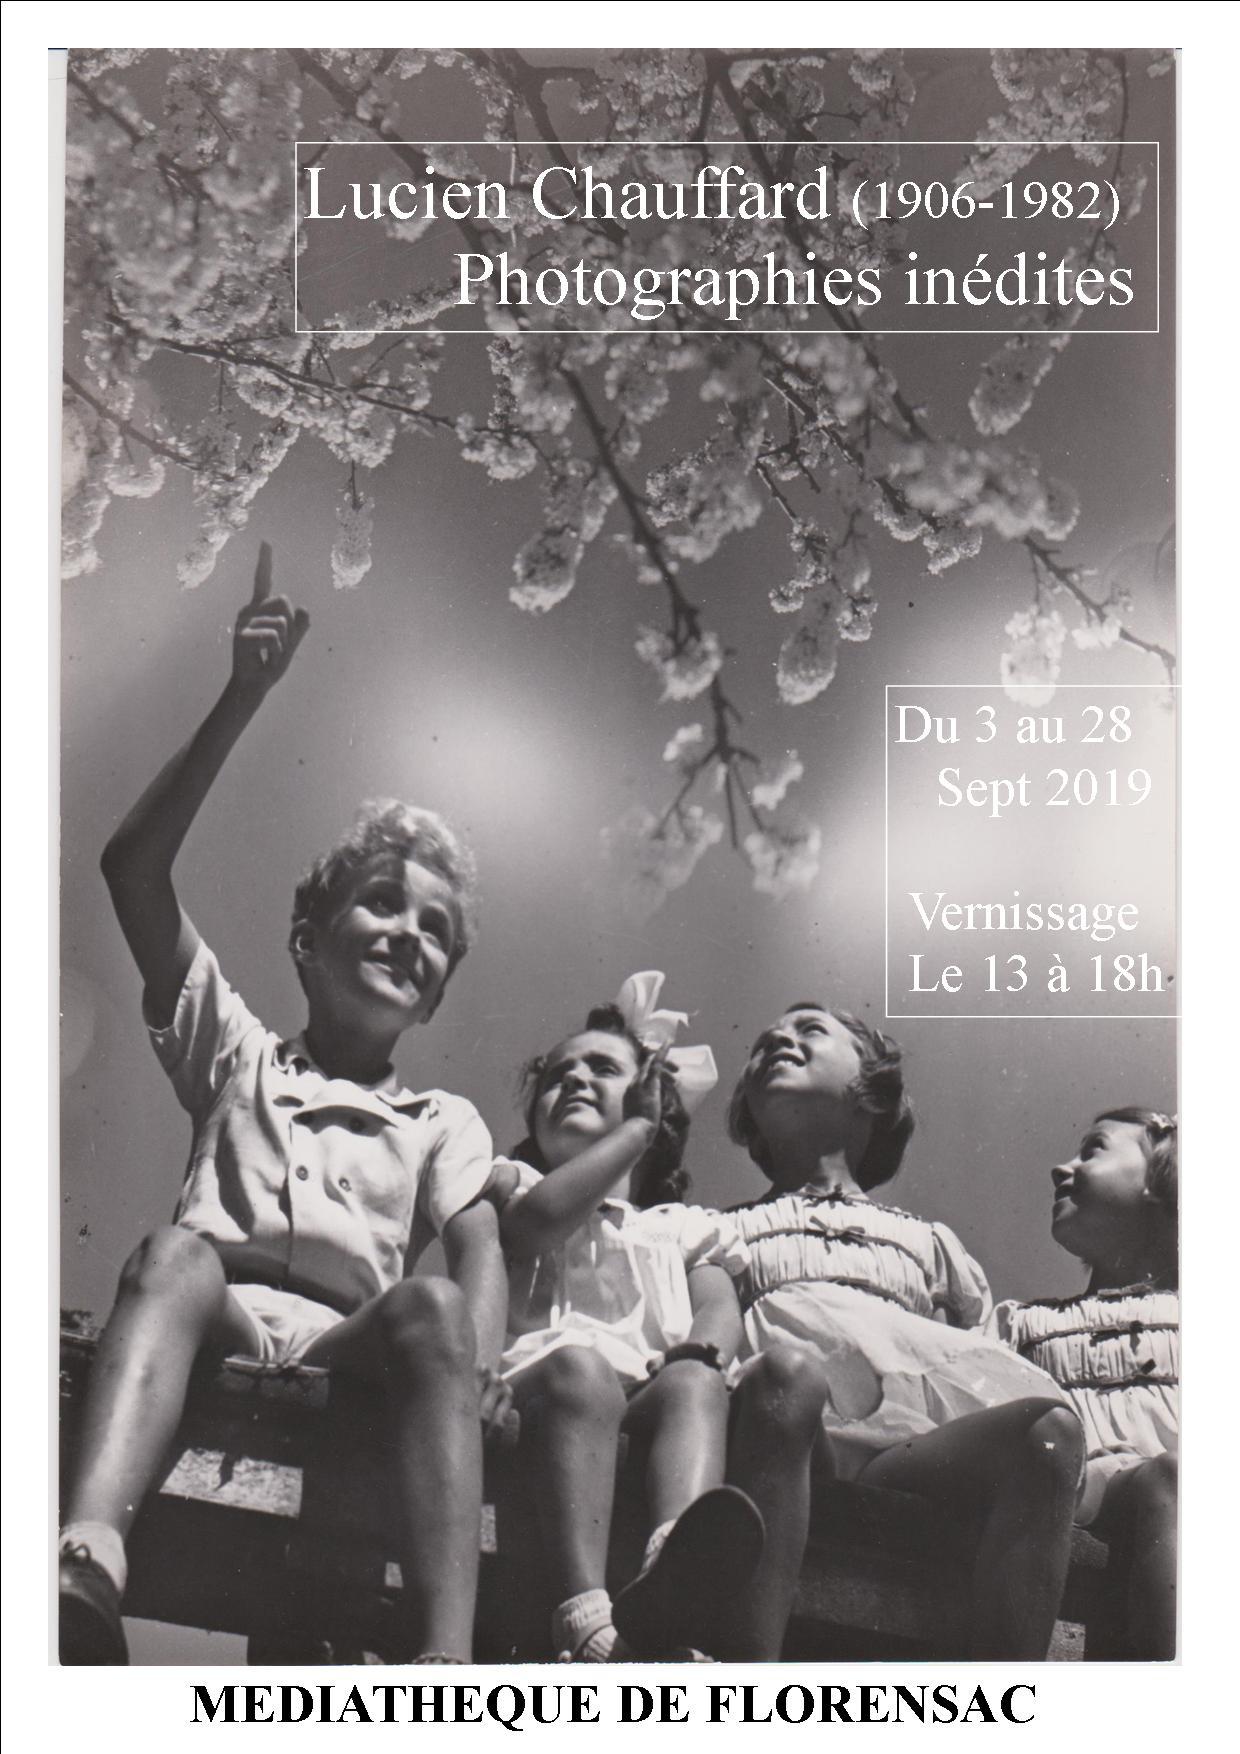 Exposition Lucien Chauffard - Médiathèque Florensac